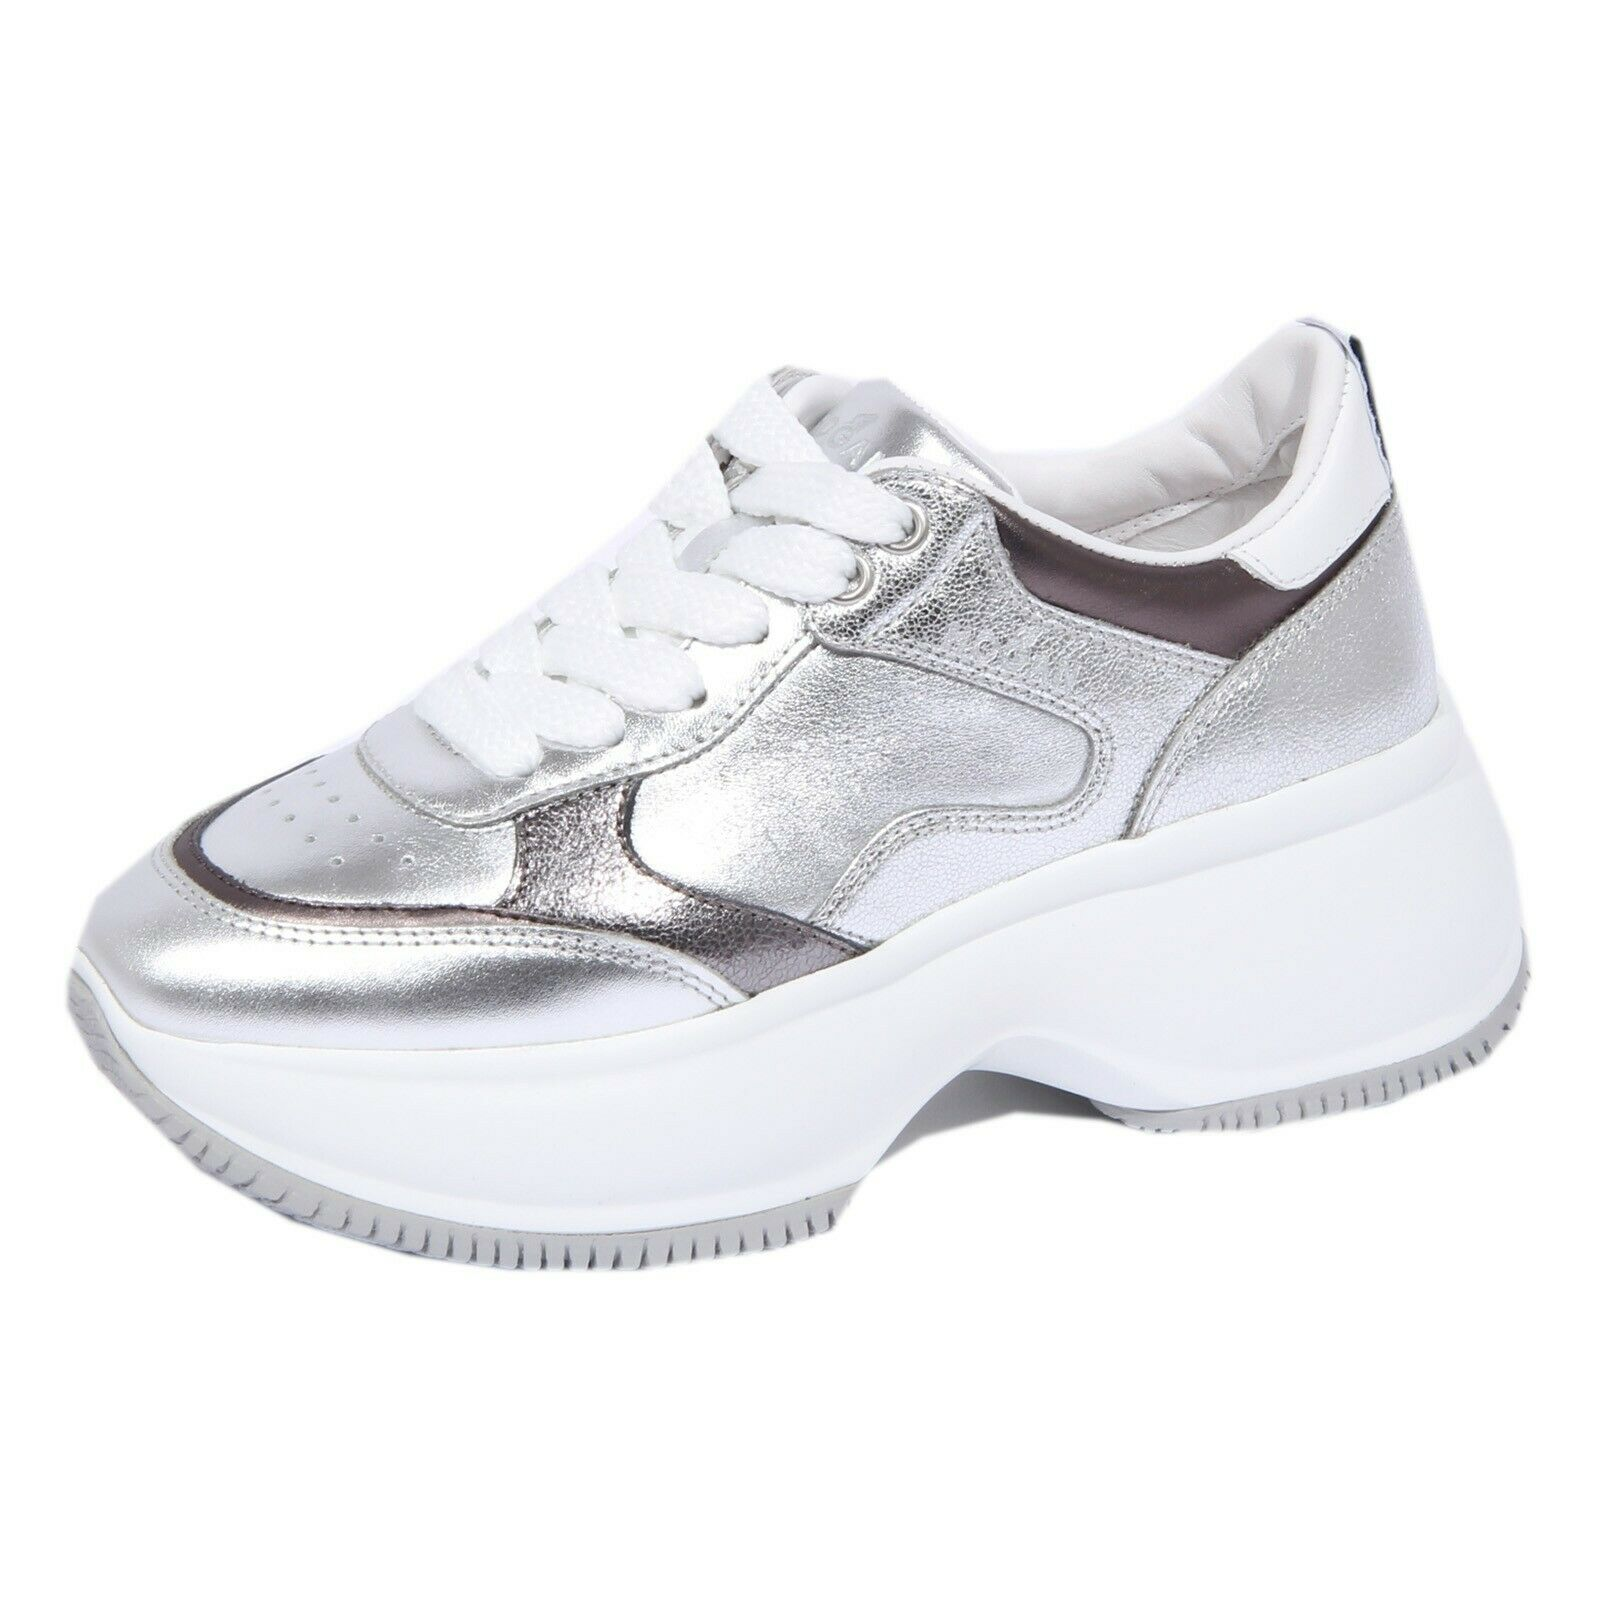 Josef Seibel Fergey 18 Schuhe Damen Schnürschuhe Halbschuh Übergröße 59690-MI796